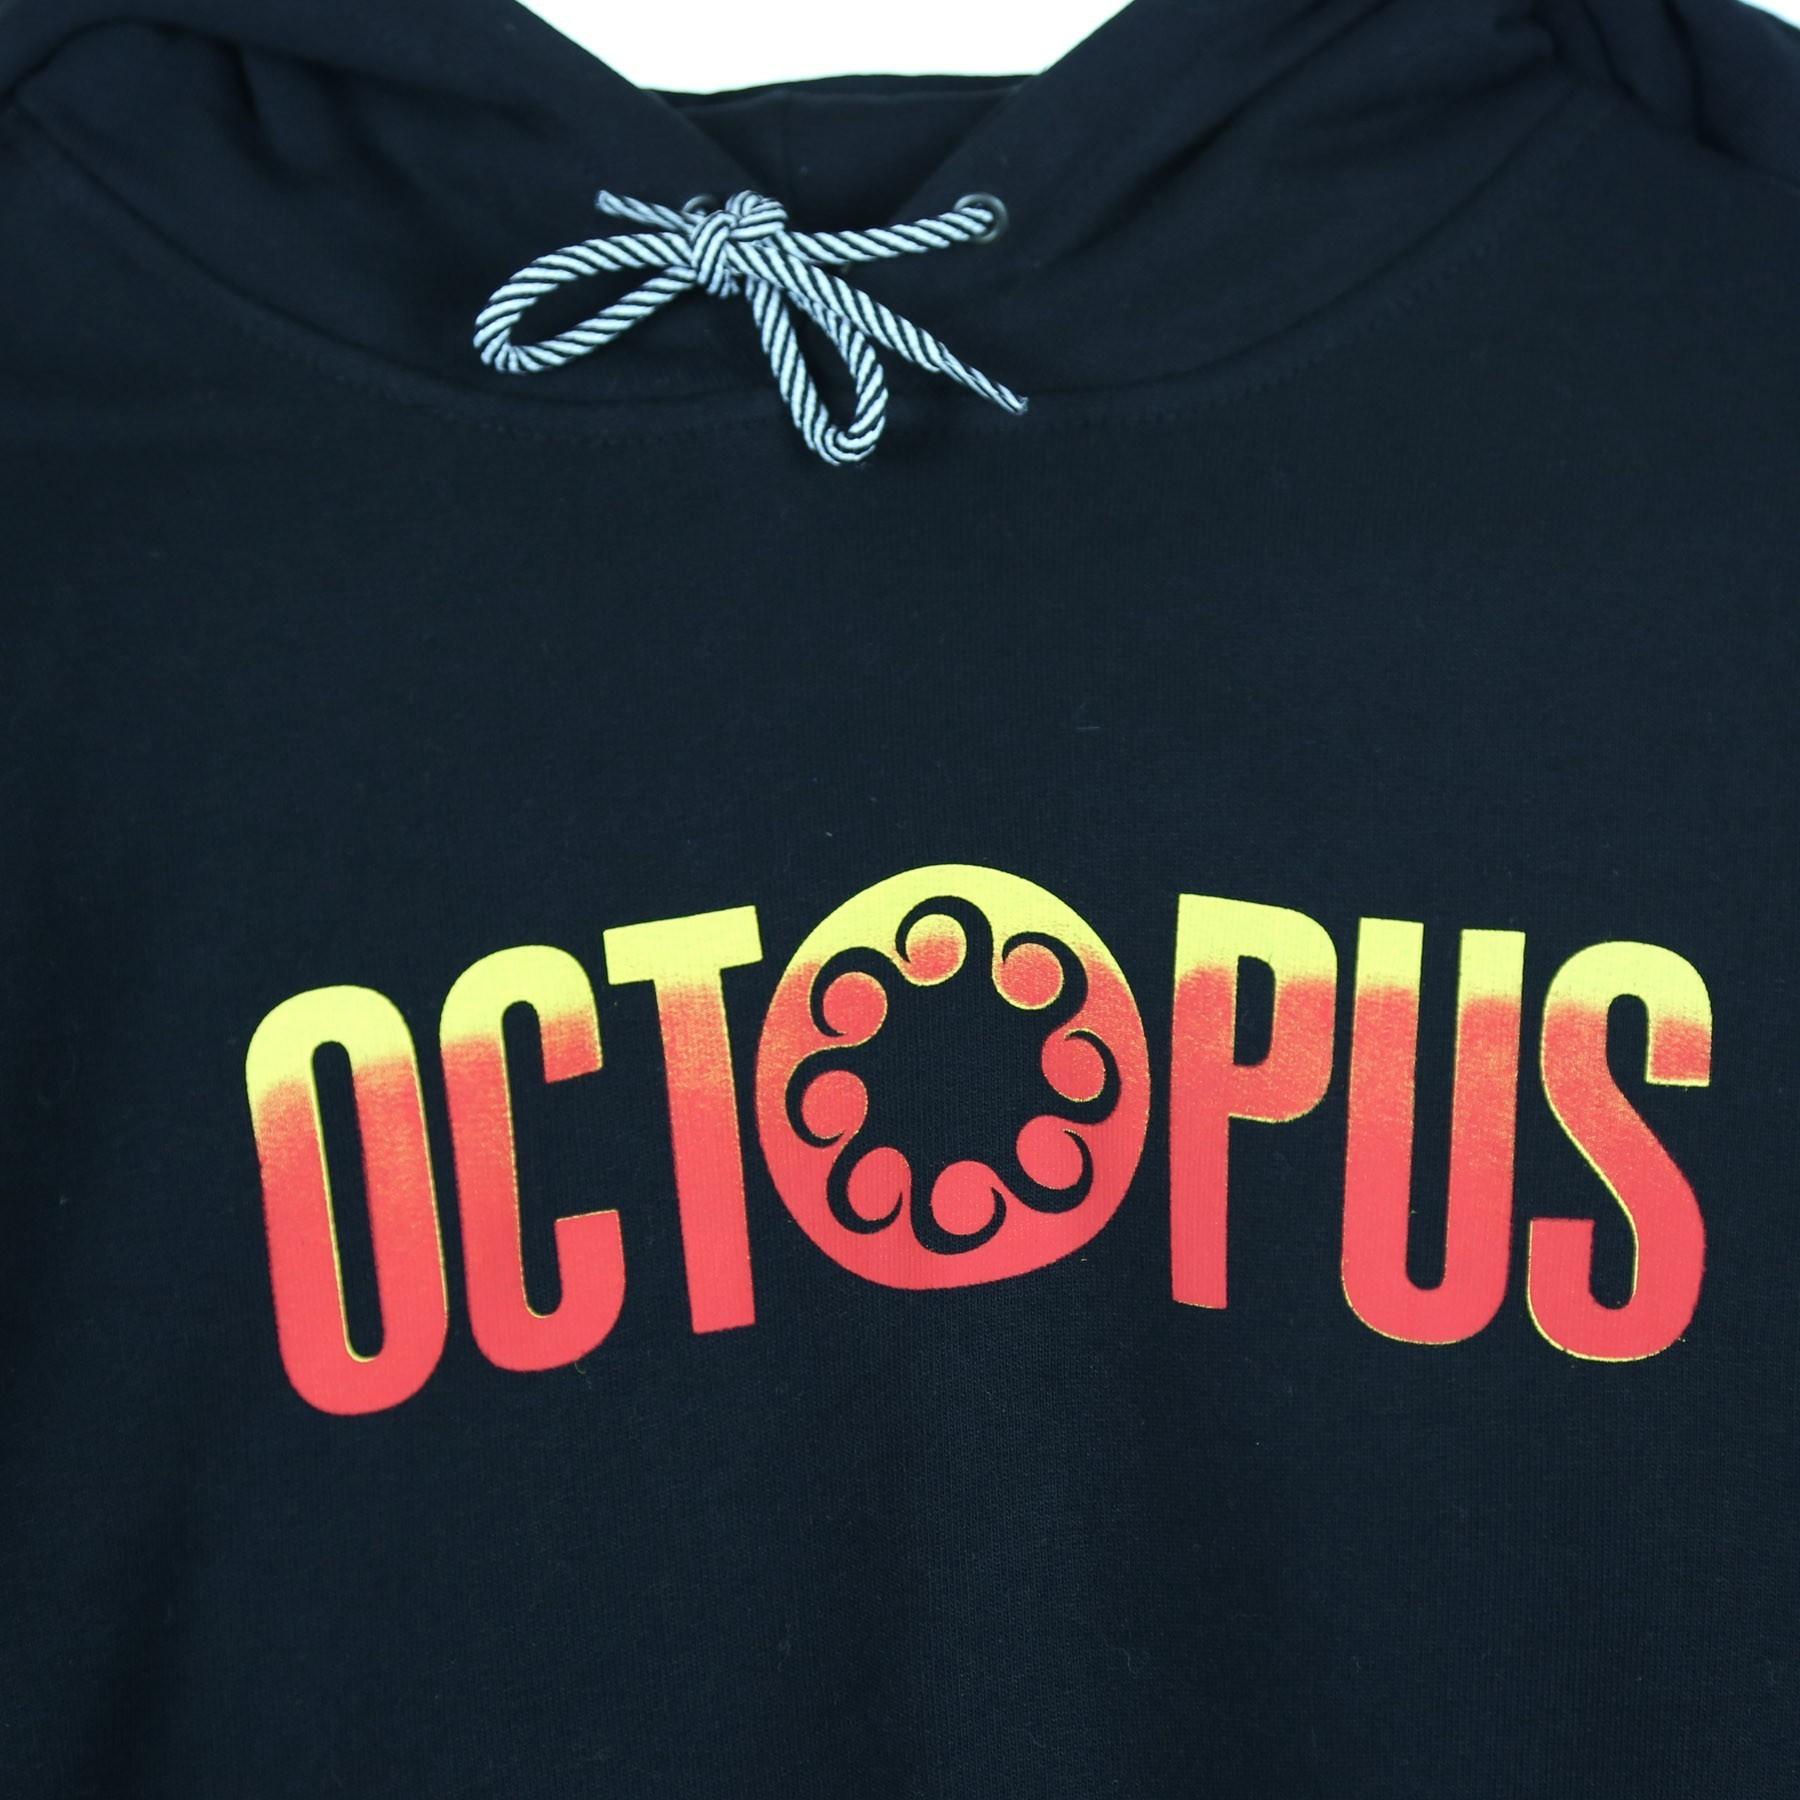 OCTOPUS felpa Gradient Hoodie Orange Yellow Black